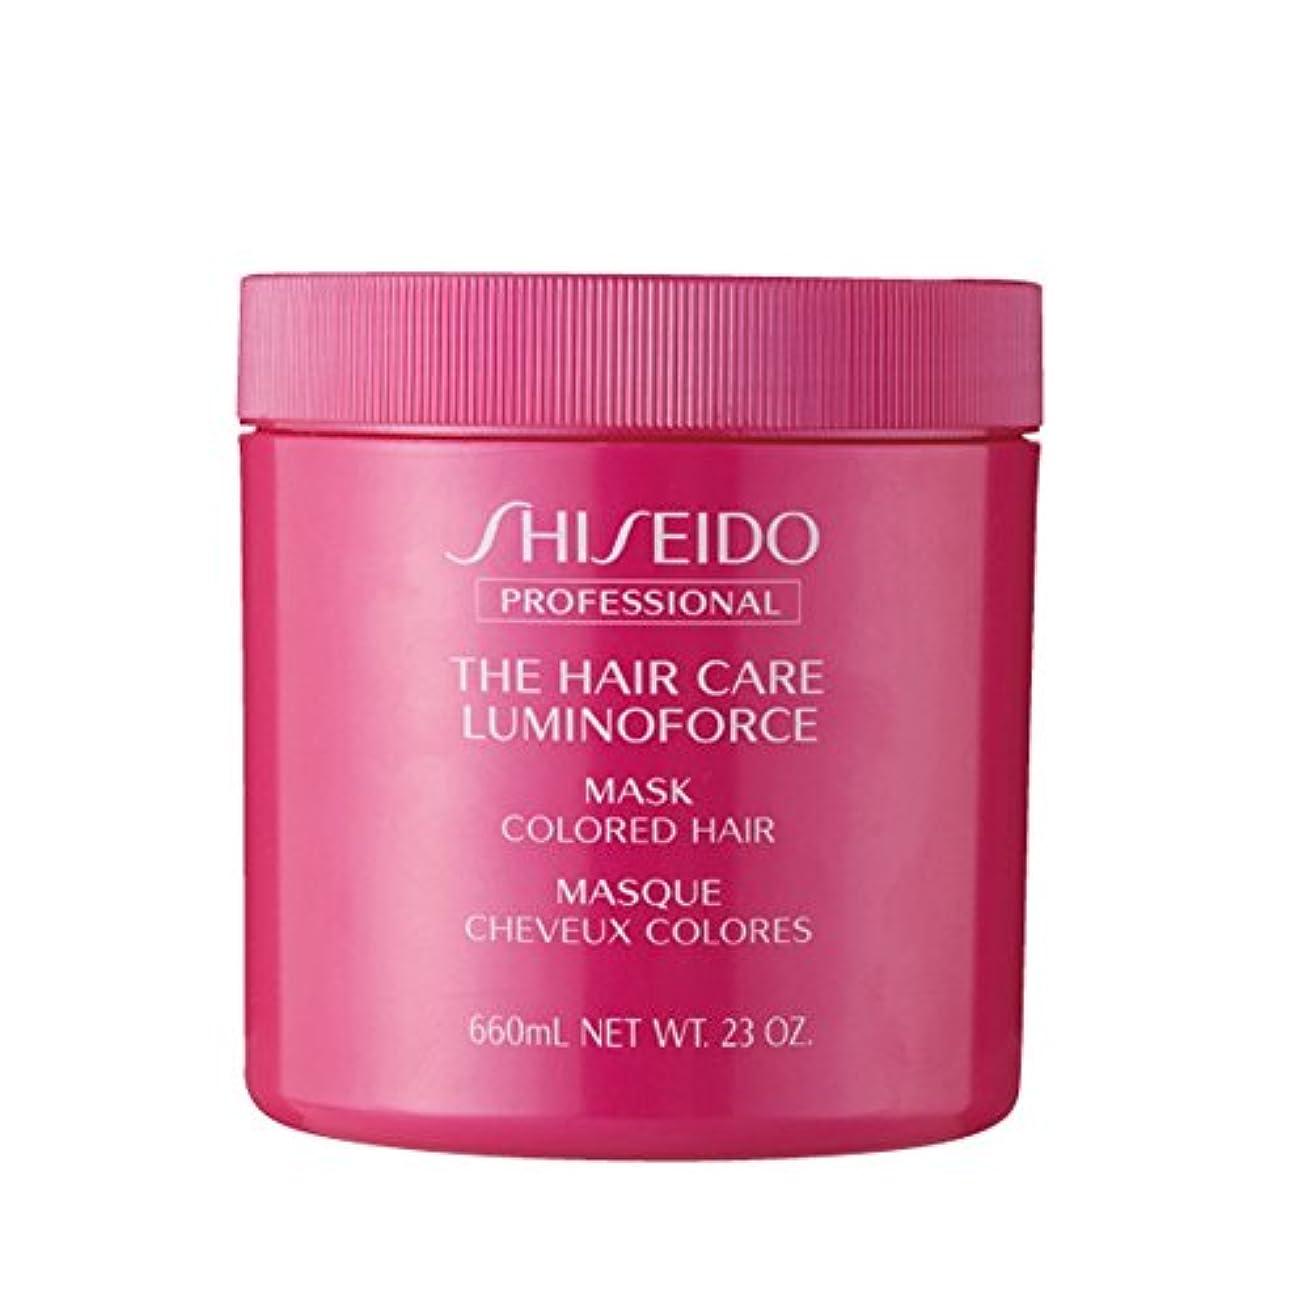 ミッション挑発する恨み資生堂 THC ルミノフォースマスク 680g ×2個 セットヘアカラーを繰り返したごわついた髪を、芯からしなやかでつややかな髪へSHISEIDO LUMINOFORCE